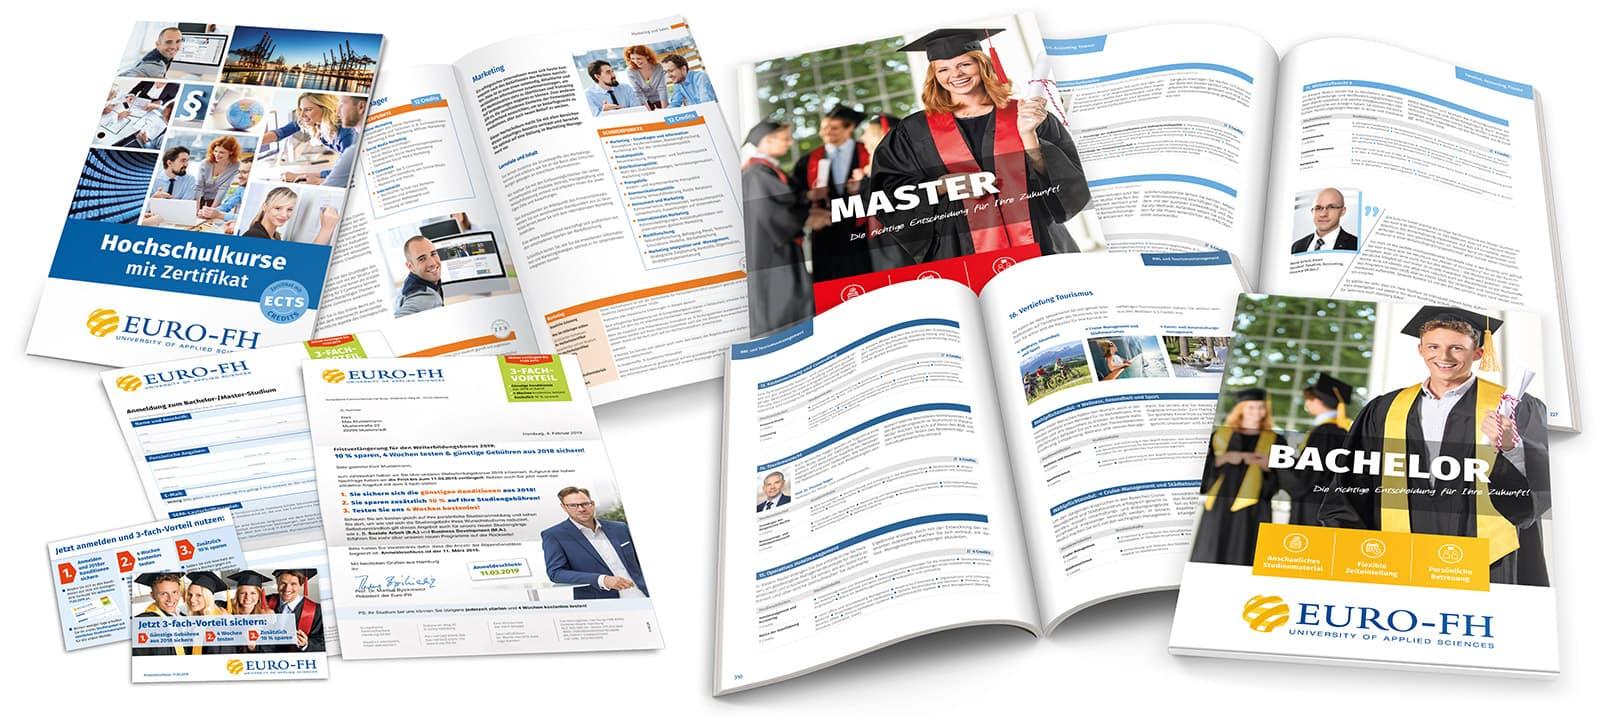 Euro-FH Printmaterialien Relaunch ab 2018 Rückemänner Werbeagentur